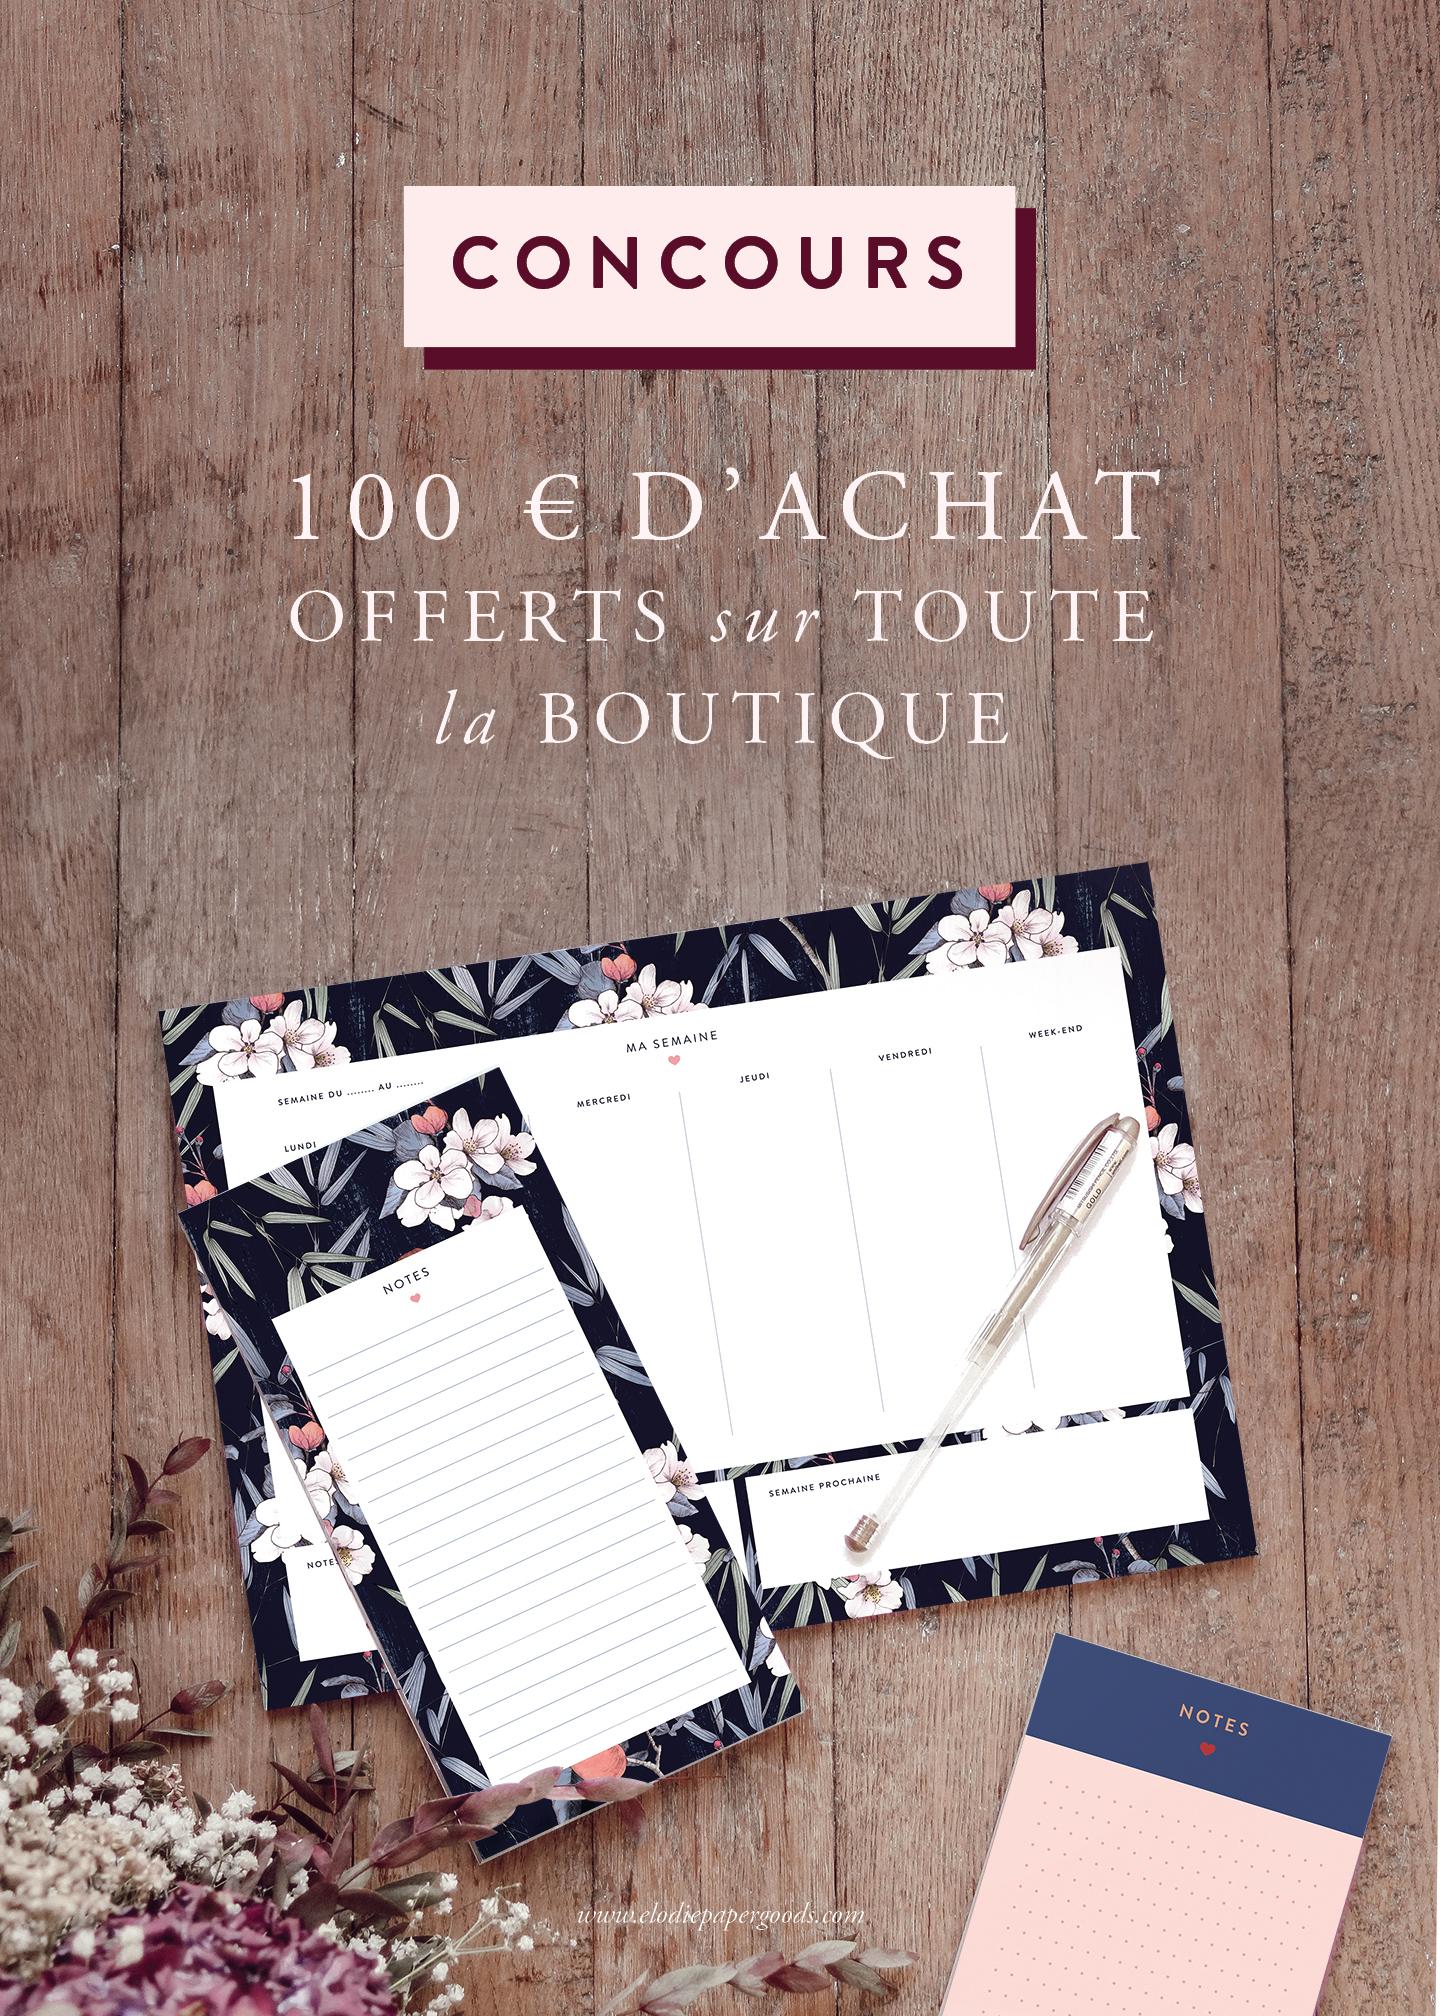 CONCOURS : 100 € d'achats offerts sur toute la boutique ! - Cliquez pour découvrir l'article